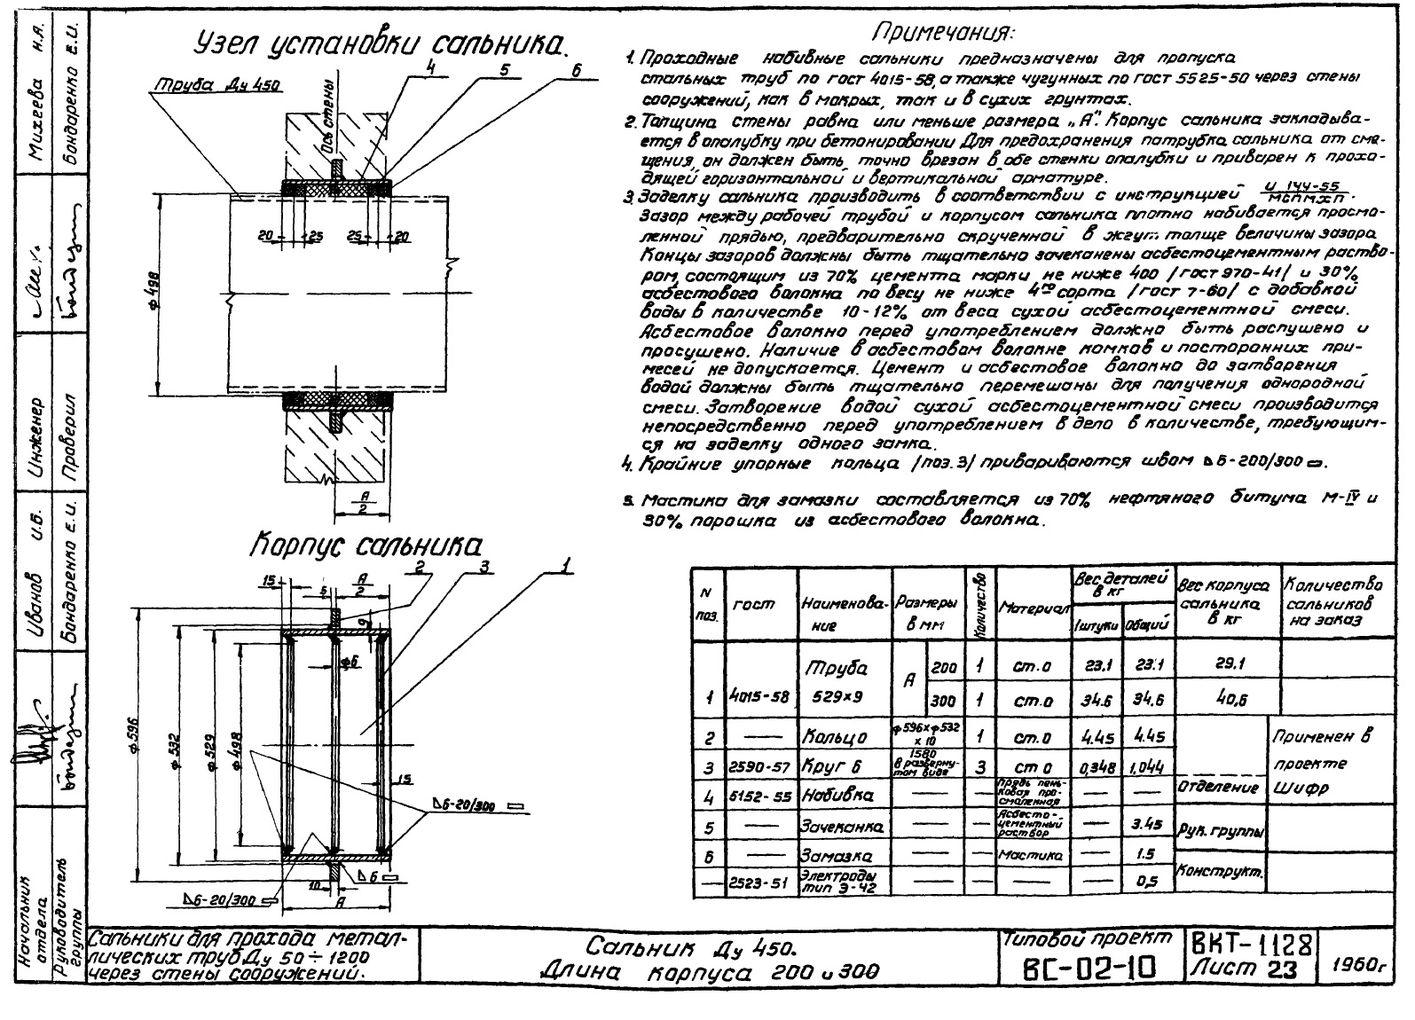 Сальники набивные L = 300 мм типовой проект ВС-02-10 стр.11